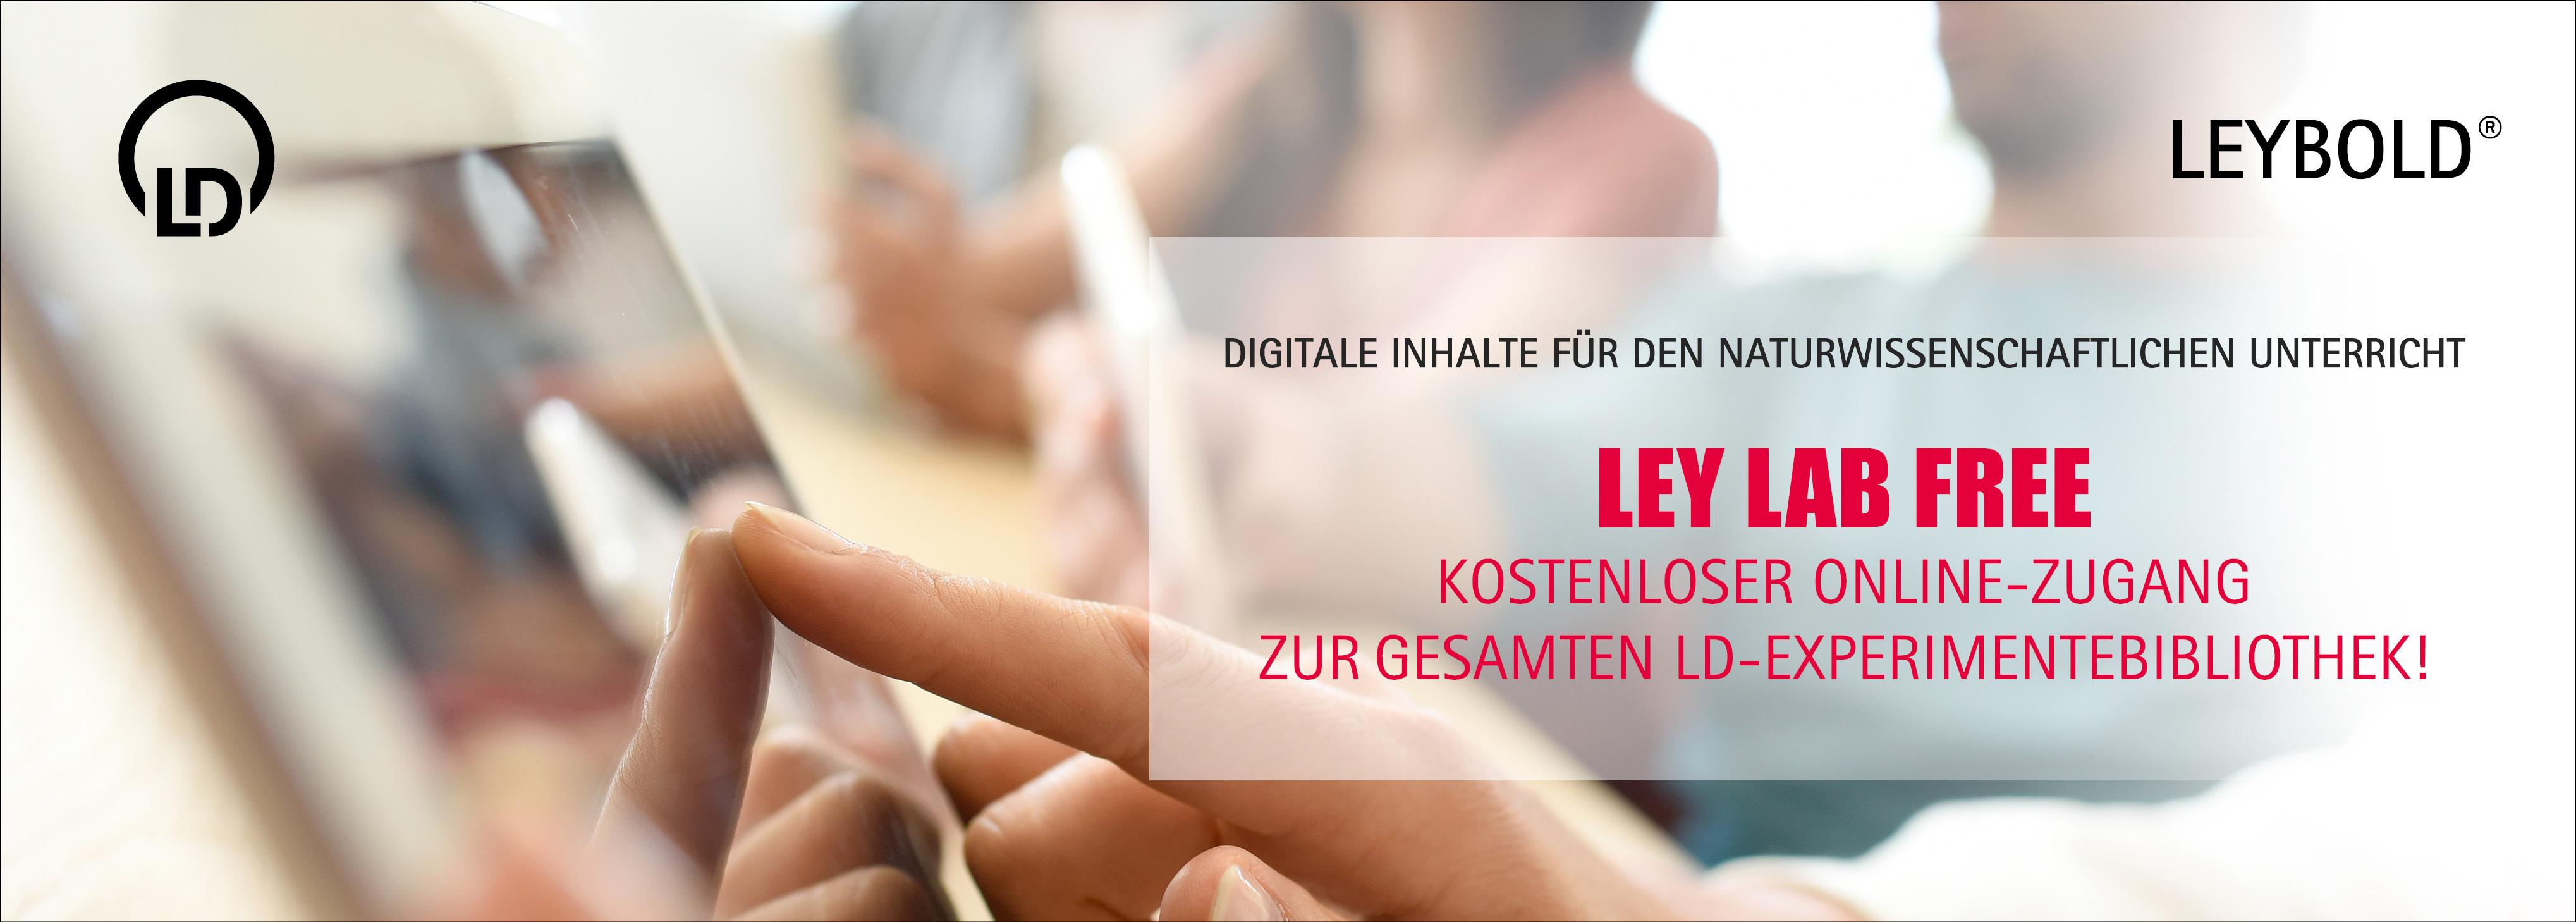 LeyLab - Kostenlose Registrierung